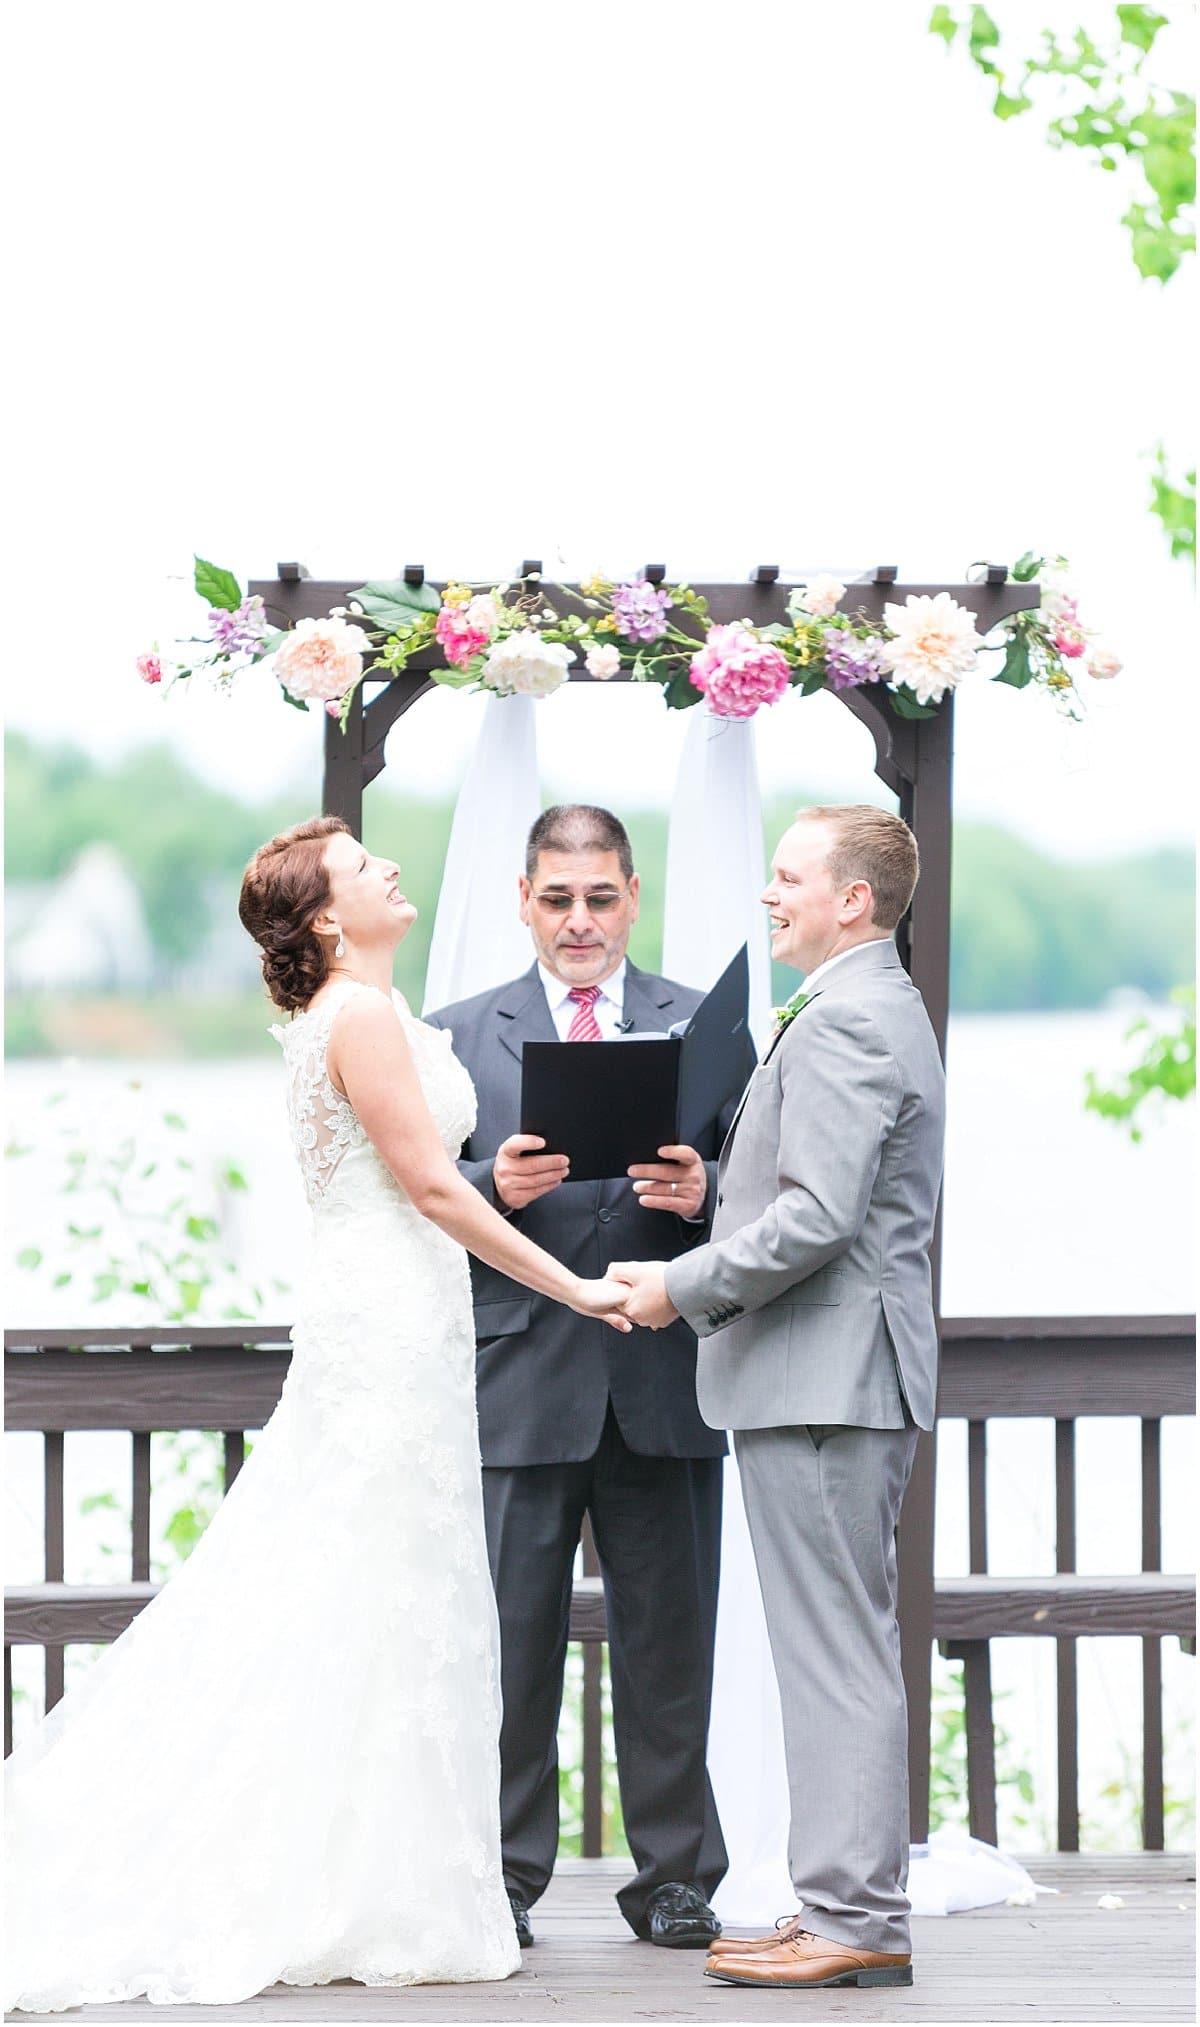 jen-matt-londontown-wedding-cassidymrphotography_0060